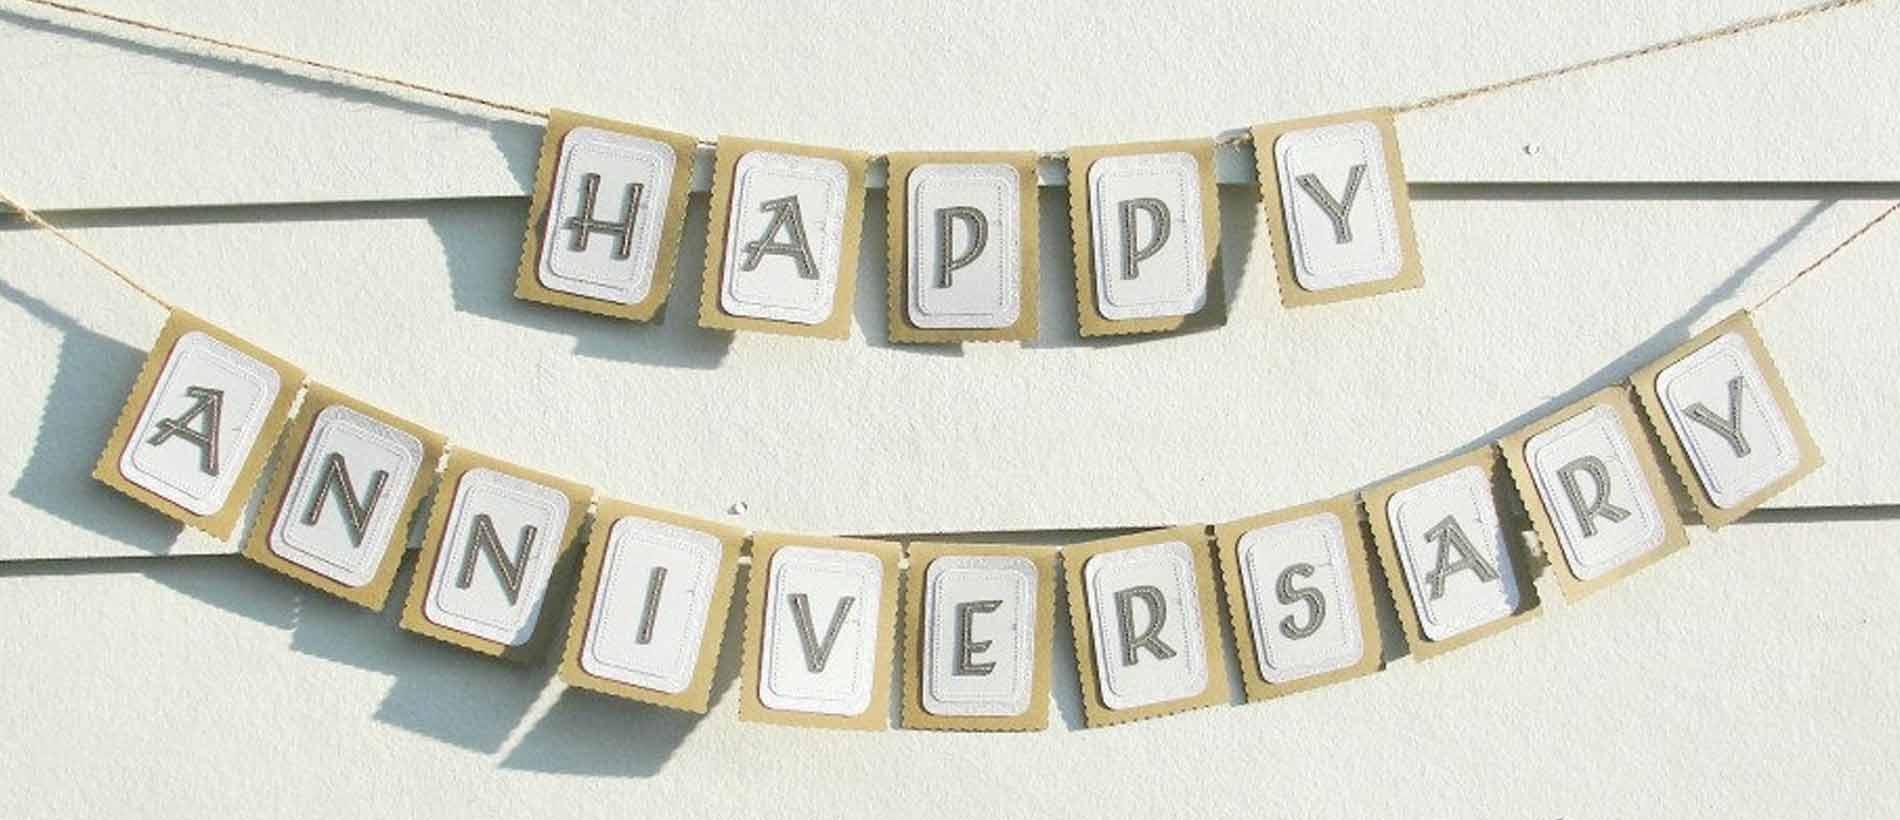 La celebrazione dell'anniversario aziendale è un momento magico ed irripetibile che merita di essere evidenziato degnamente